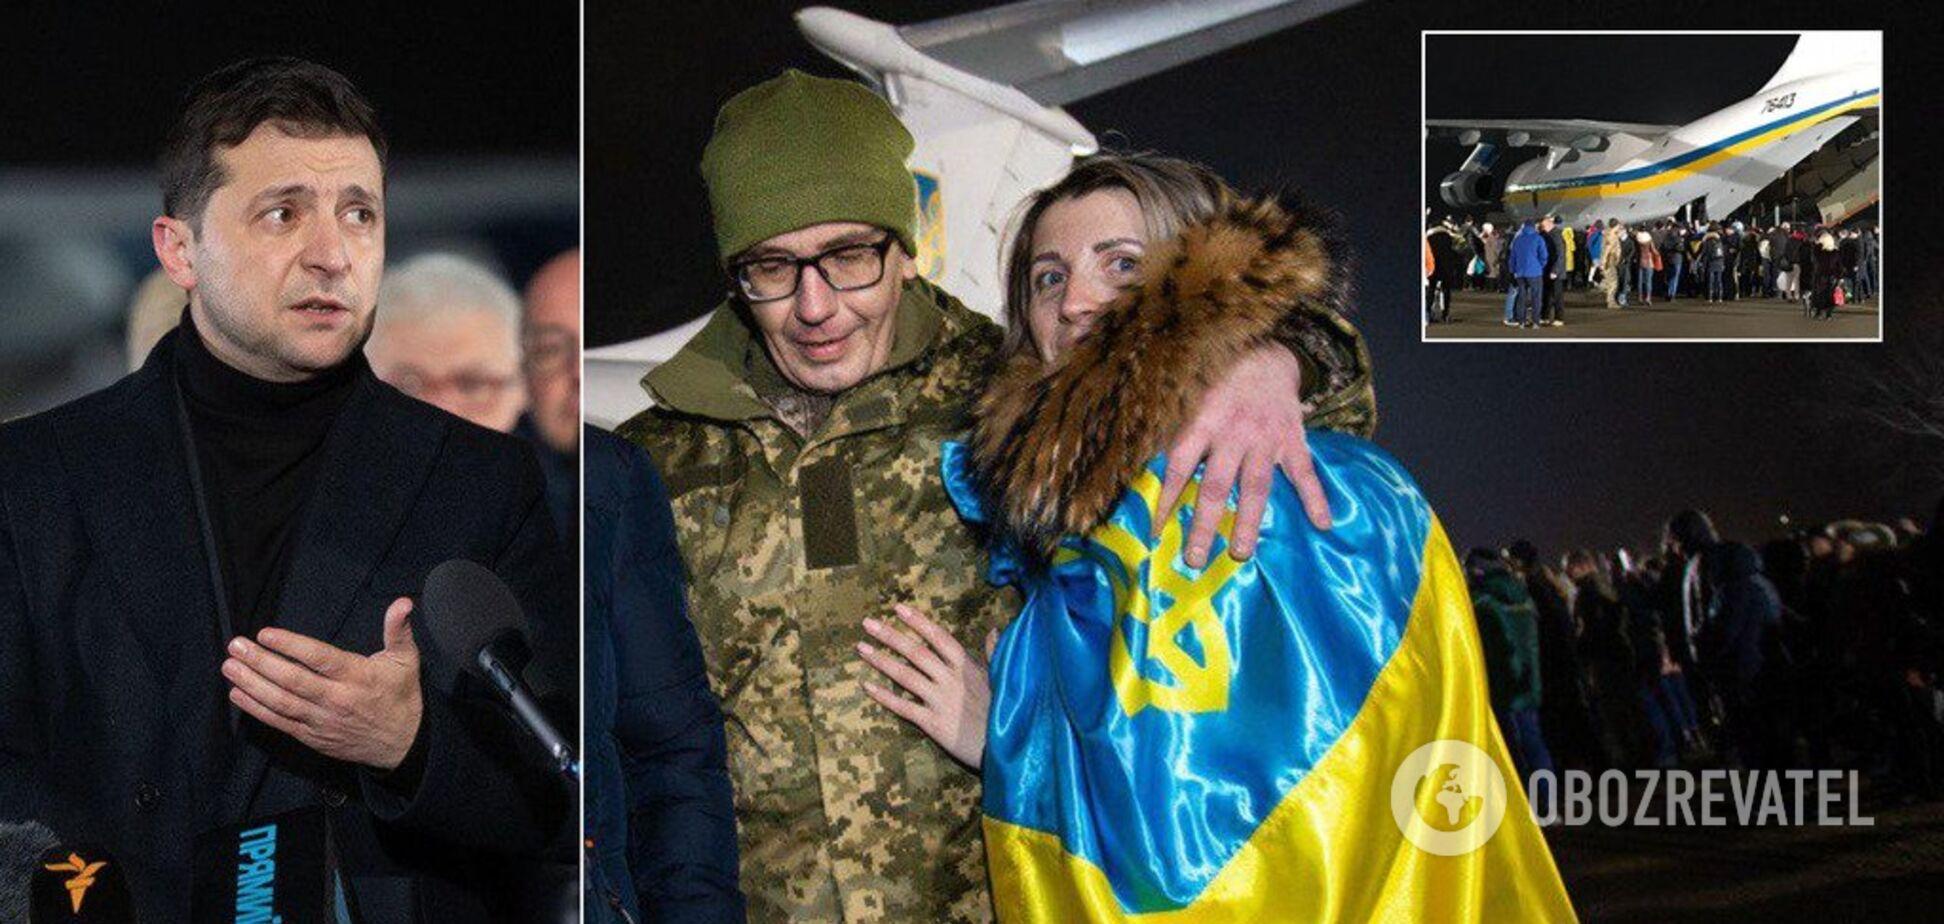 124 на 76: Украина и 'Л/ДНР' обменялись пленными. Все подробности, фото и видео